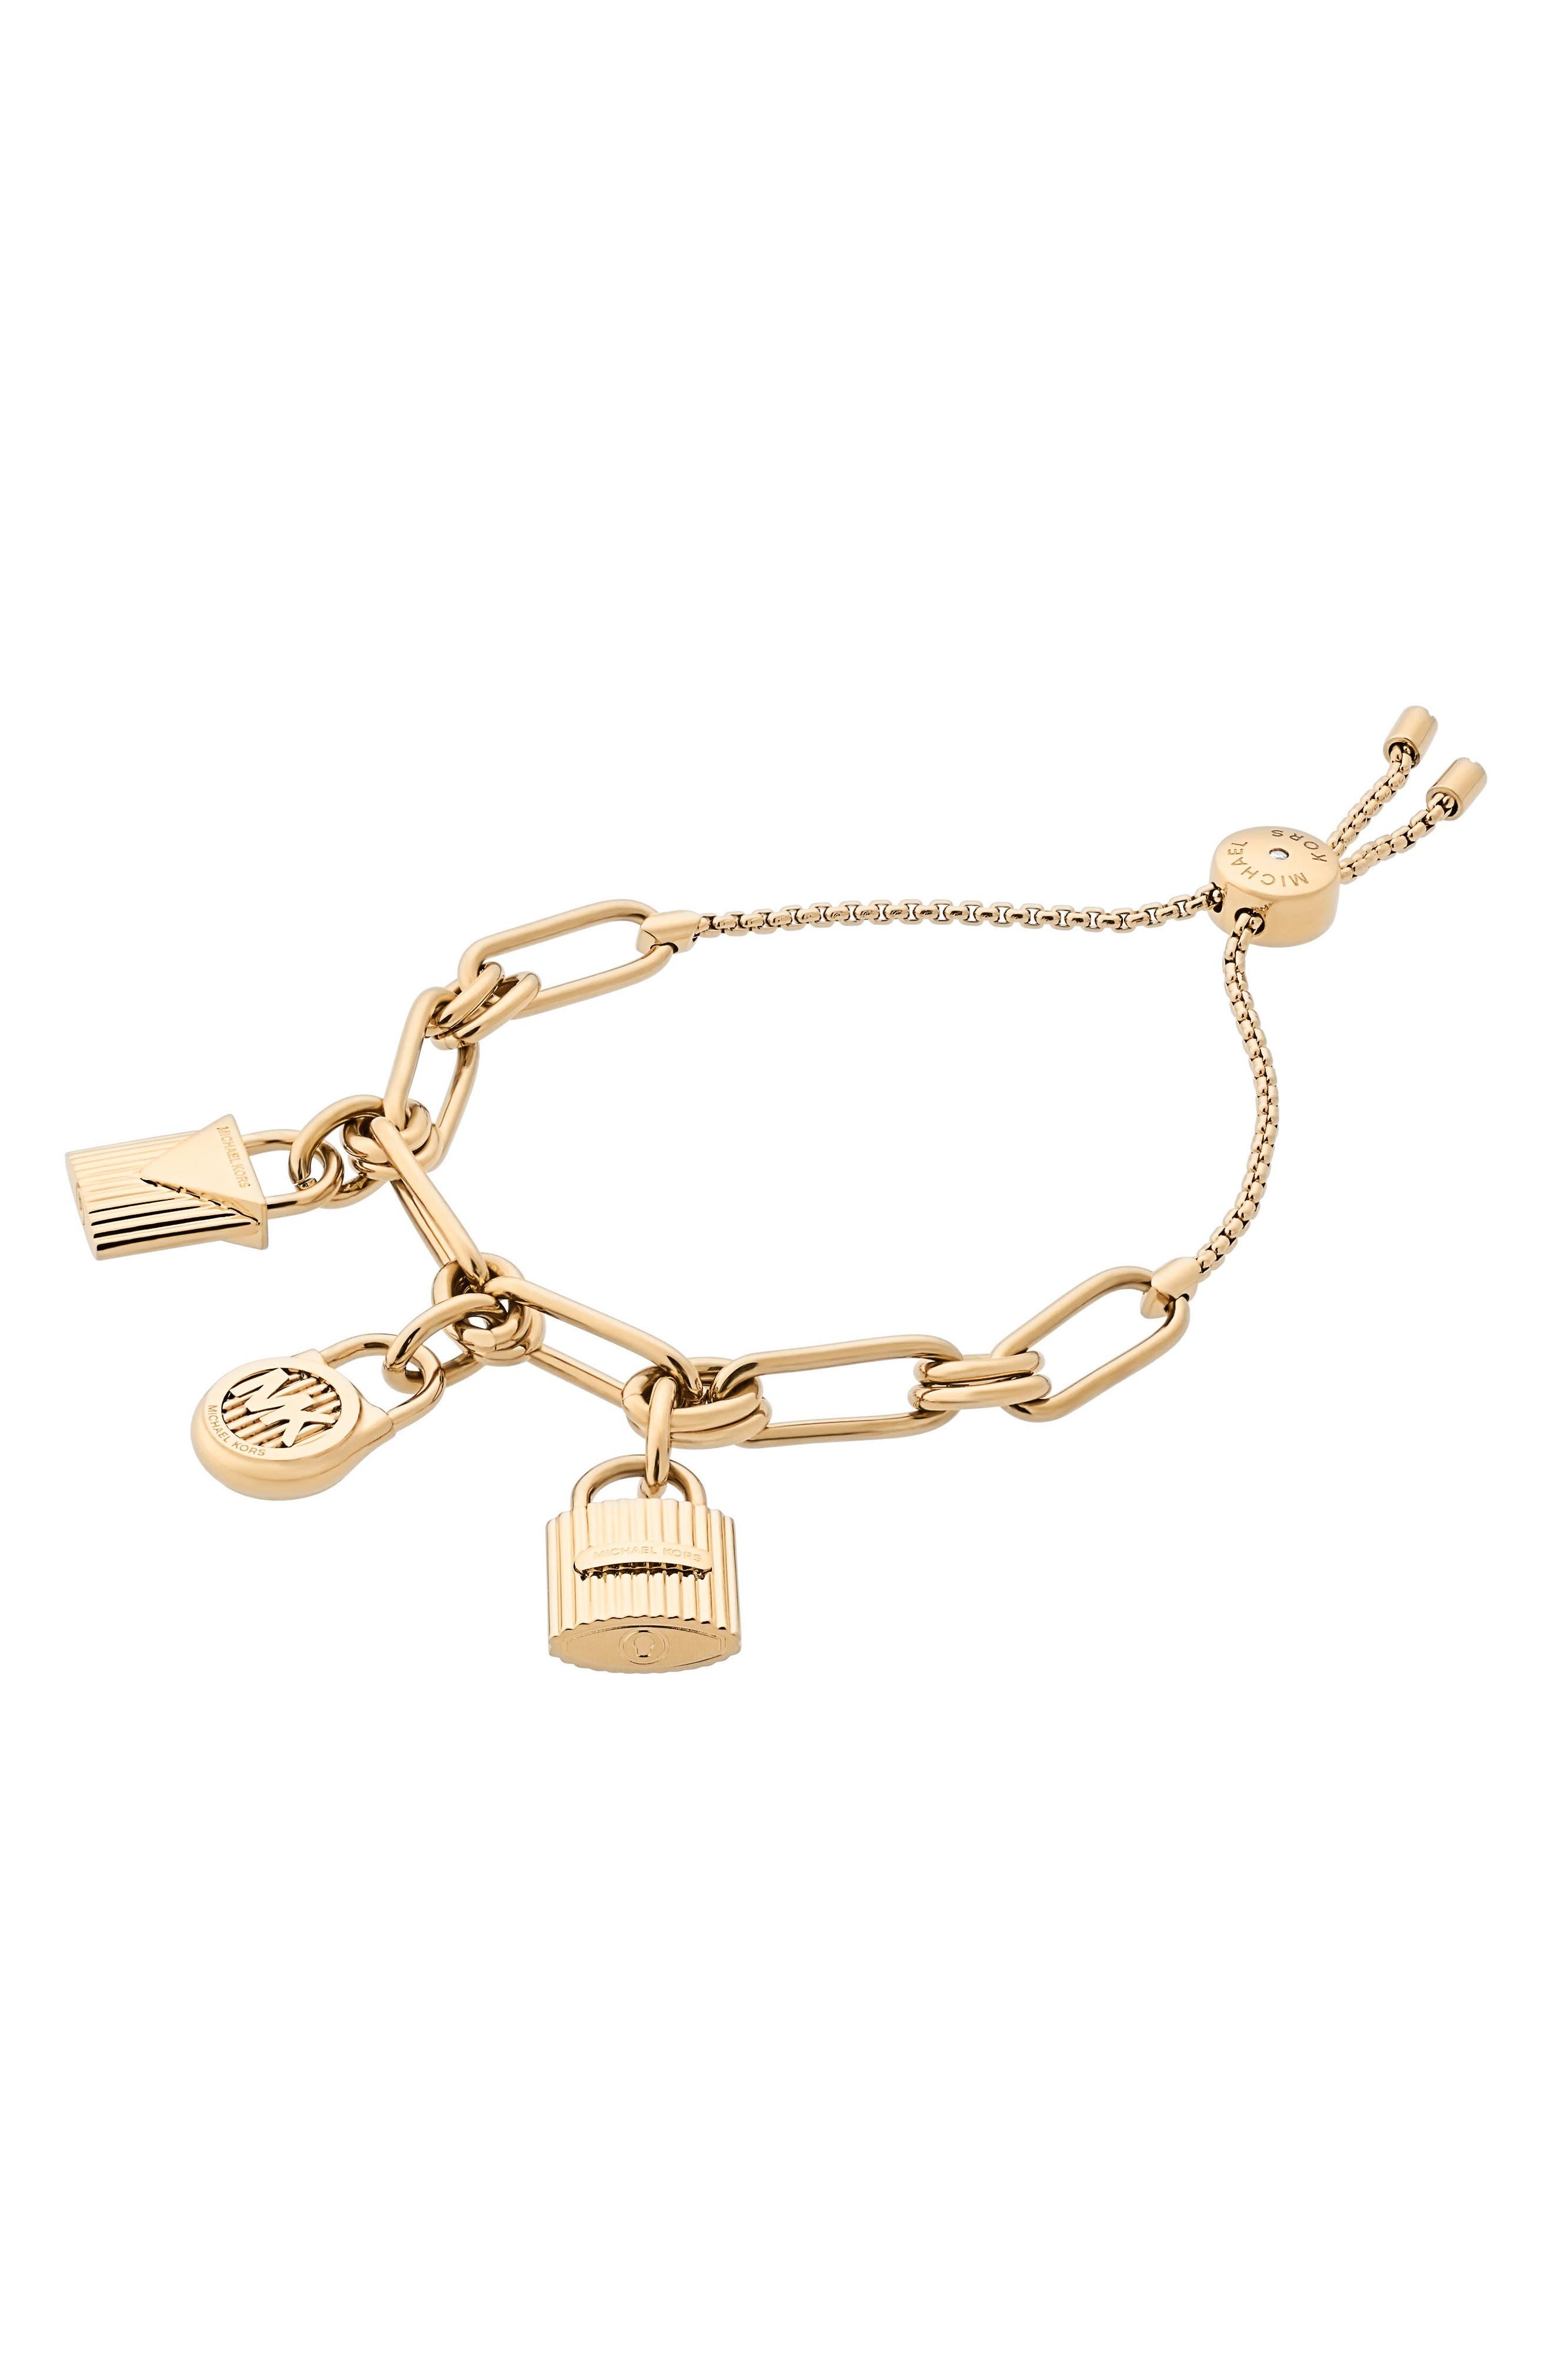 Michael Kors Padlock Charm Slider Bracelet